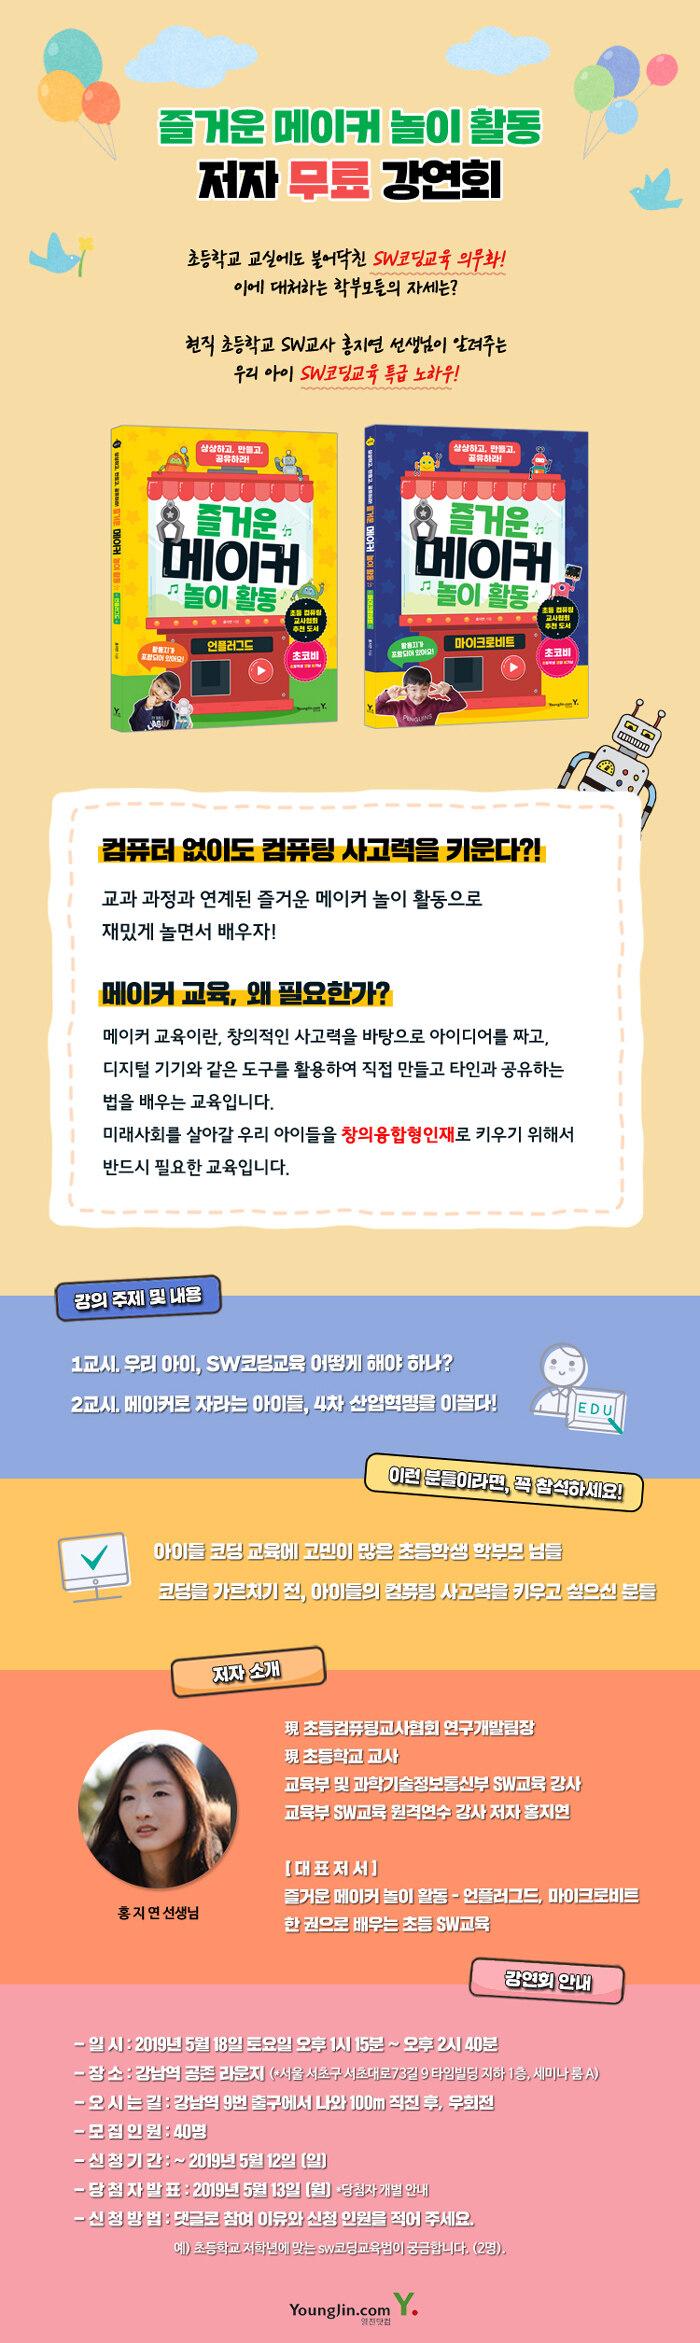 <즐거운 메이커 놀이활동> 저자 강연회